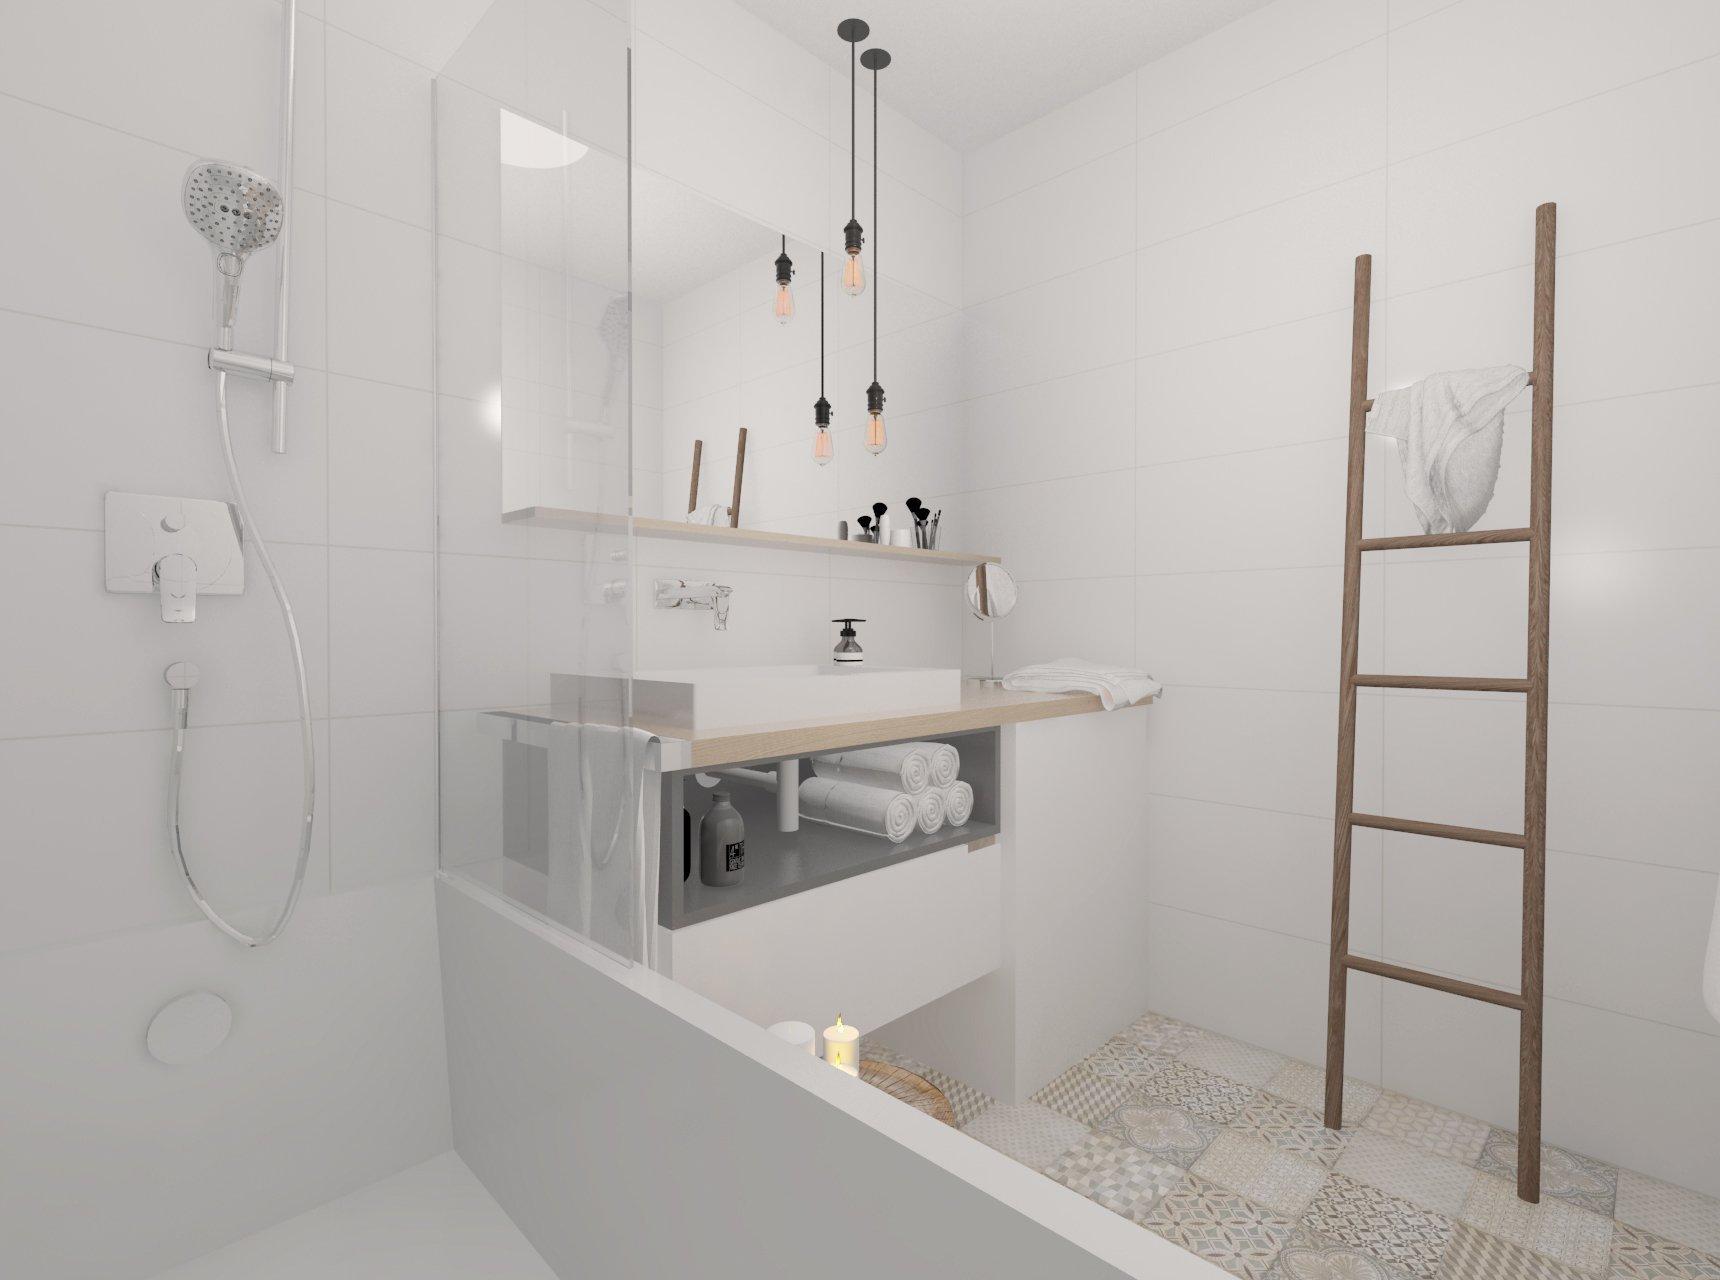 Jednoduchý dizajn nábytku je nosným prvkom tohto interiéru,aj napriek menšej podlahovej ploche priestor pôsobí veľmi vzdušne. Svetlosť priestoru umocňuje…